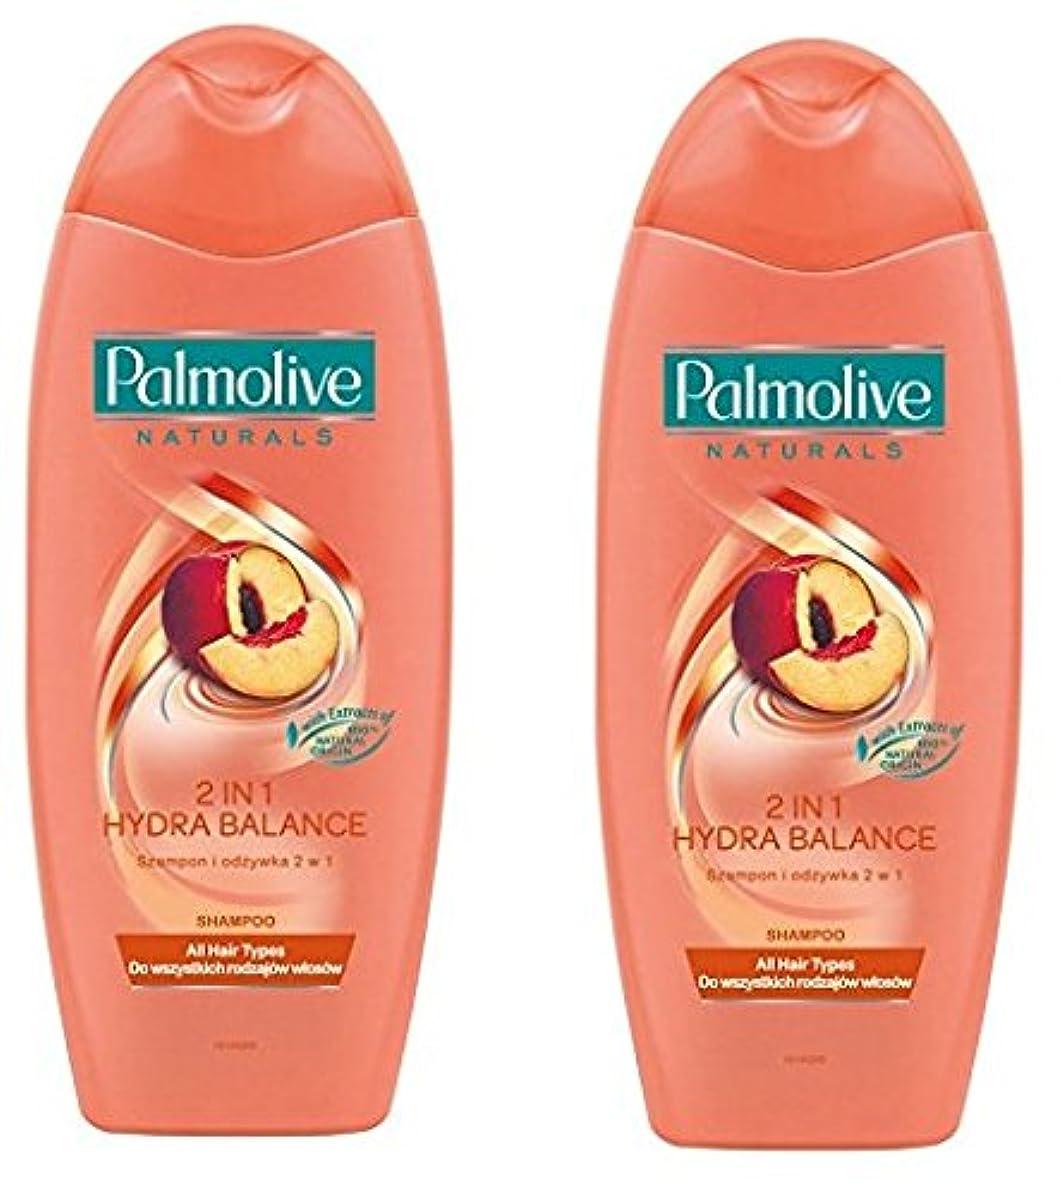 育成グッゲンハイム美術館純正Palmolive Naturals Shampoo & Conditioner パルモティブシャンプーWコンディショナー ハイドロバランス 350ml 2個 [並行輸入品]